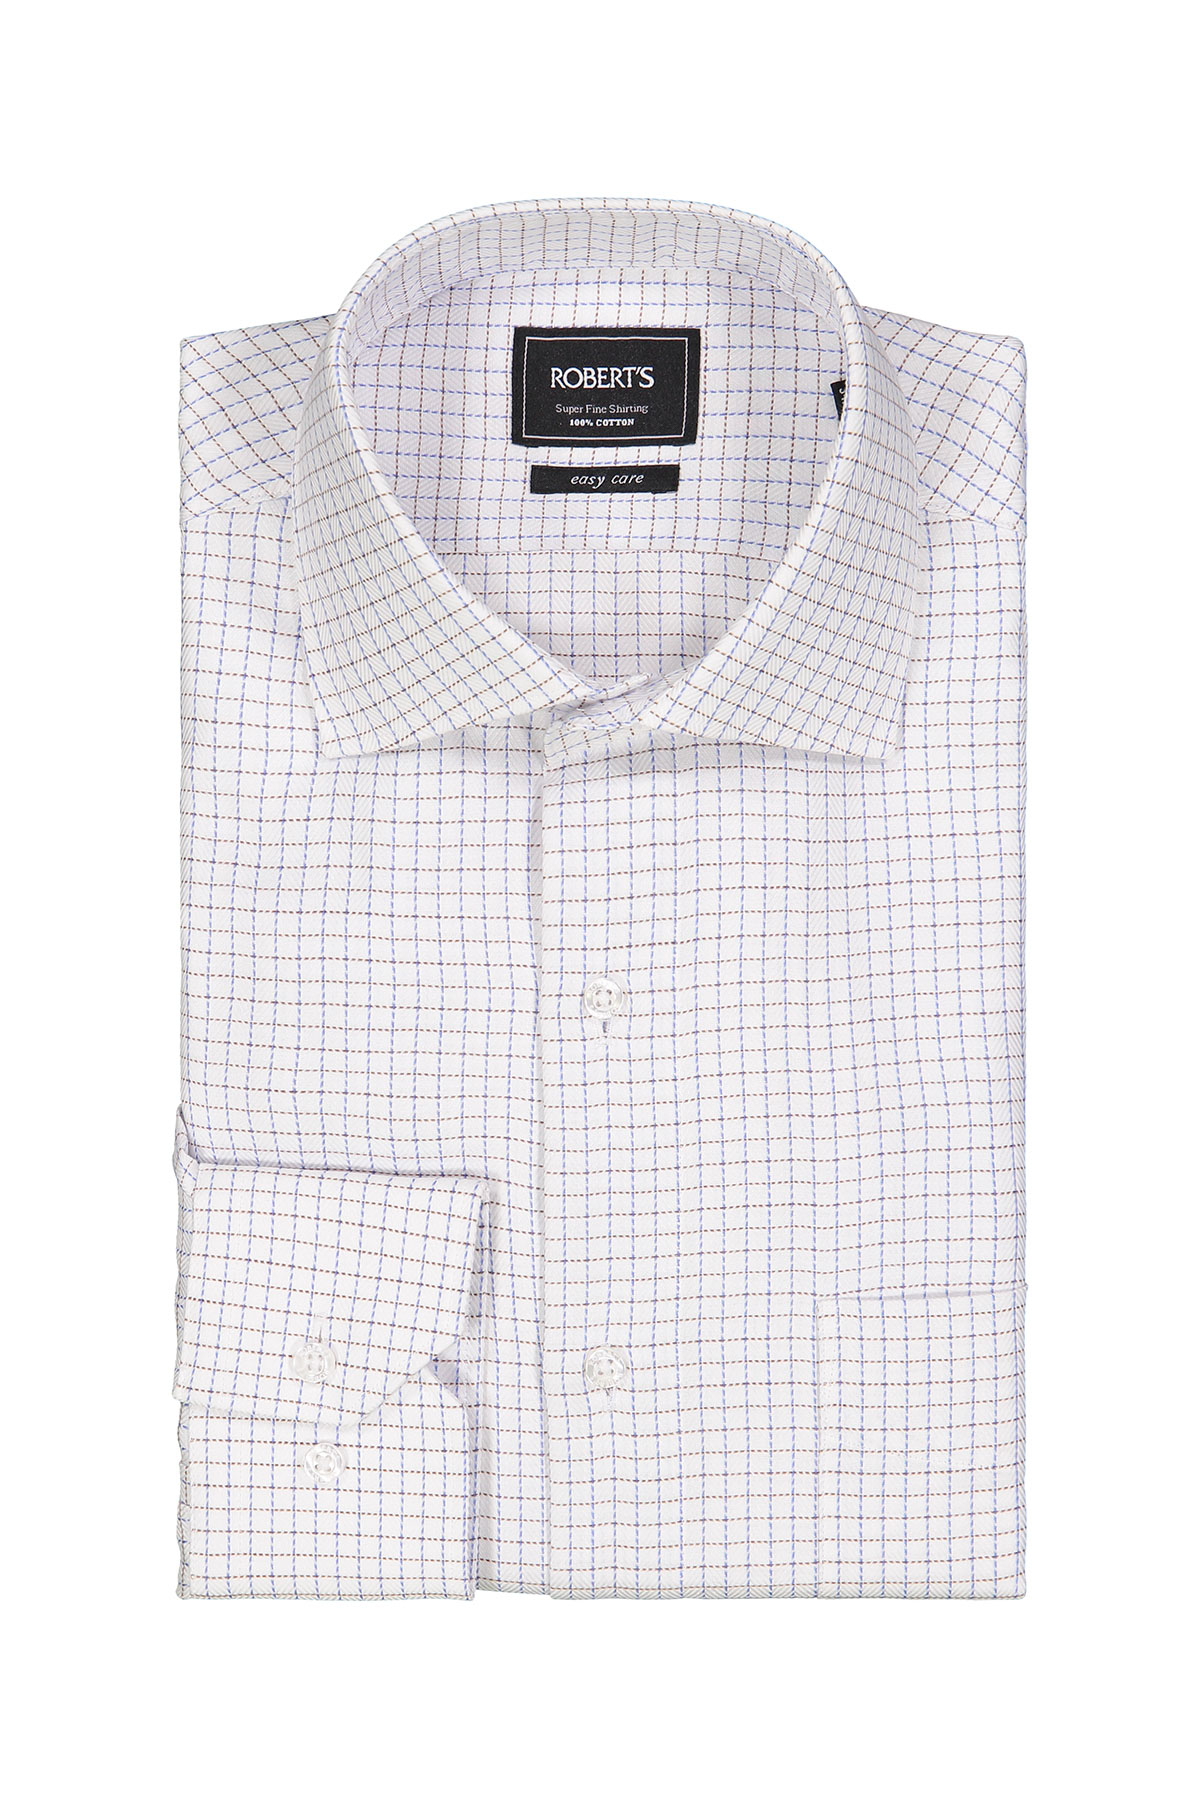 Camisa Robert´s, Easy Care, blanca con cuadros azul y café.